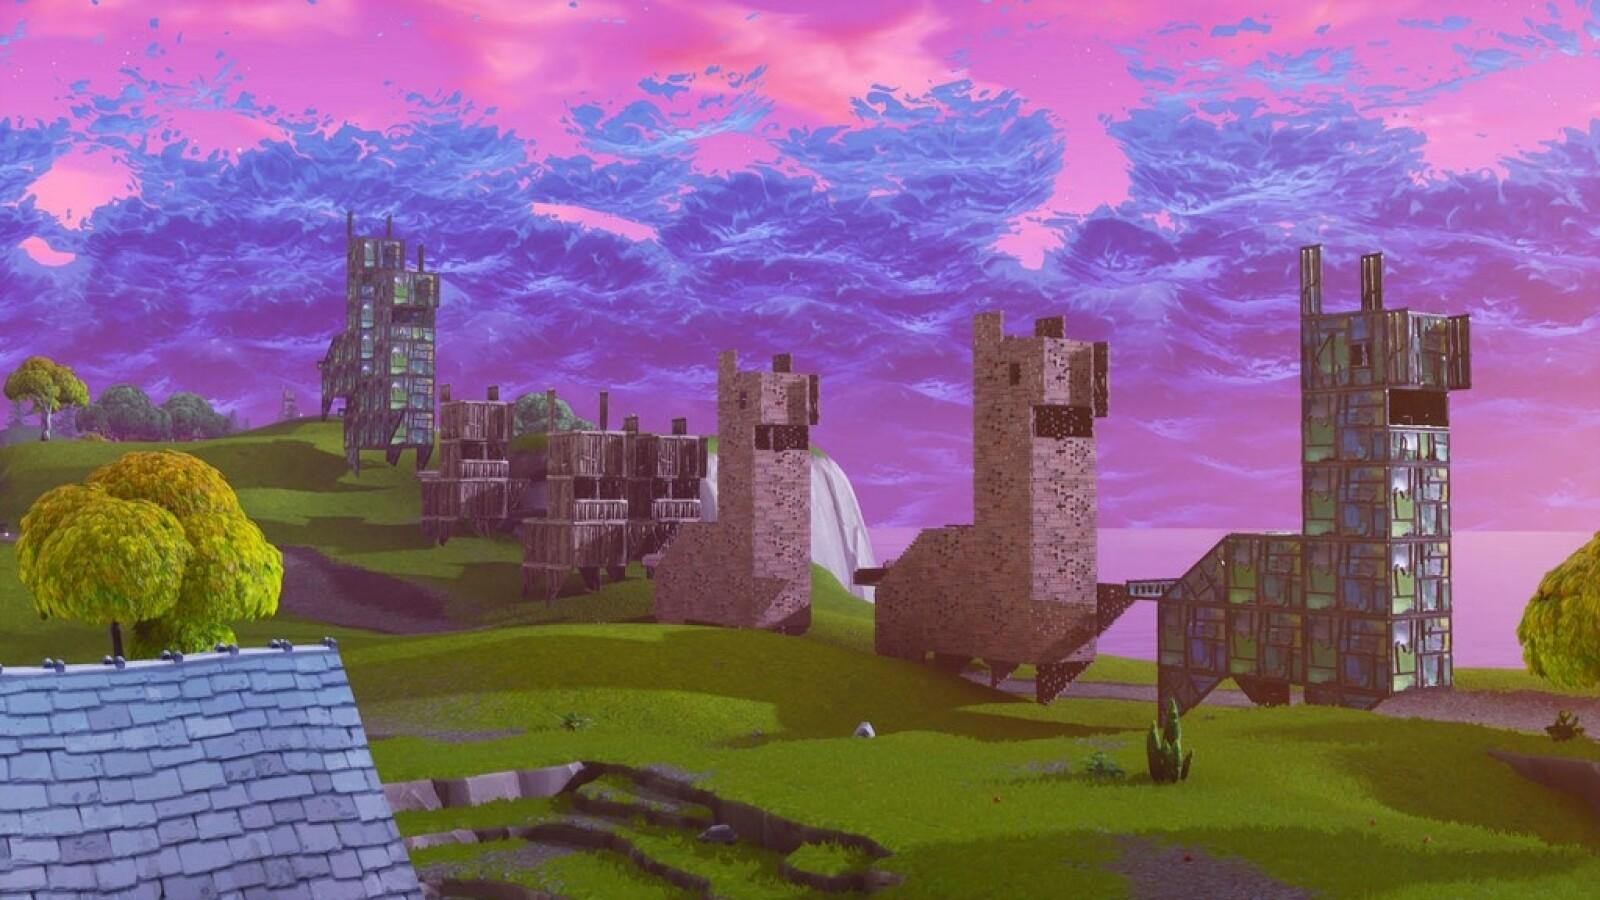 Fortnite Spielwiese Animiert Fans Zu Diesen Verrückten Kreationen - Minecraft spielen fur anfanger